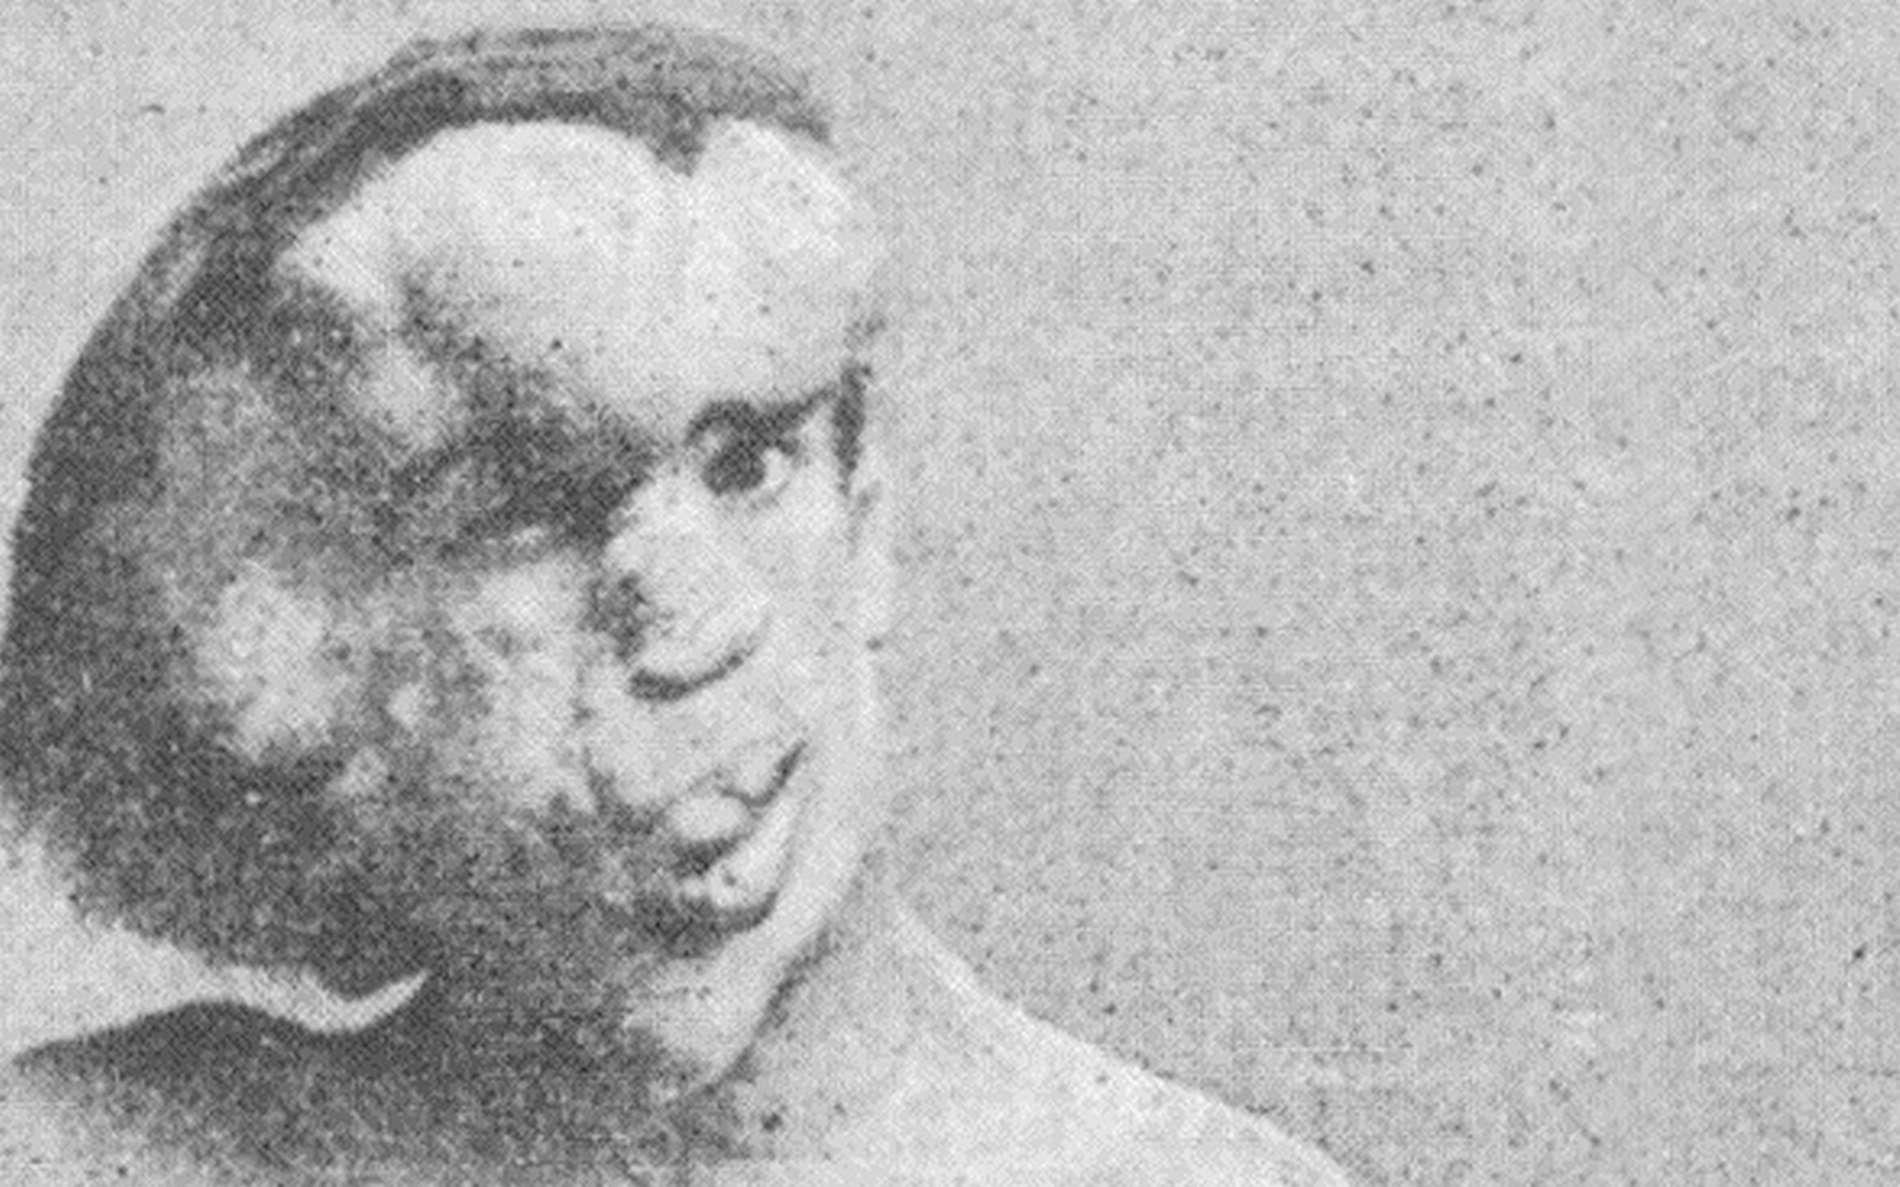 Découvrez l'histoire de Joseph Merrick, un homme immortalisé par David Lynch sous le nom d'Elephant Man © Wikimedia Commons, Futura, Freepik